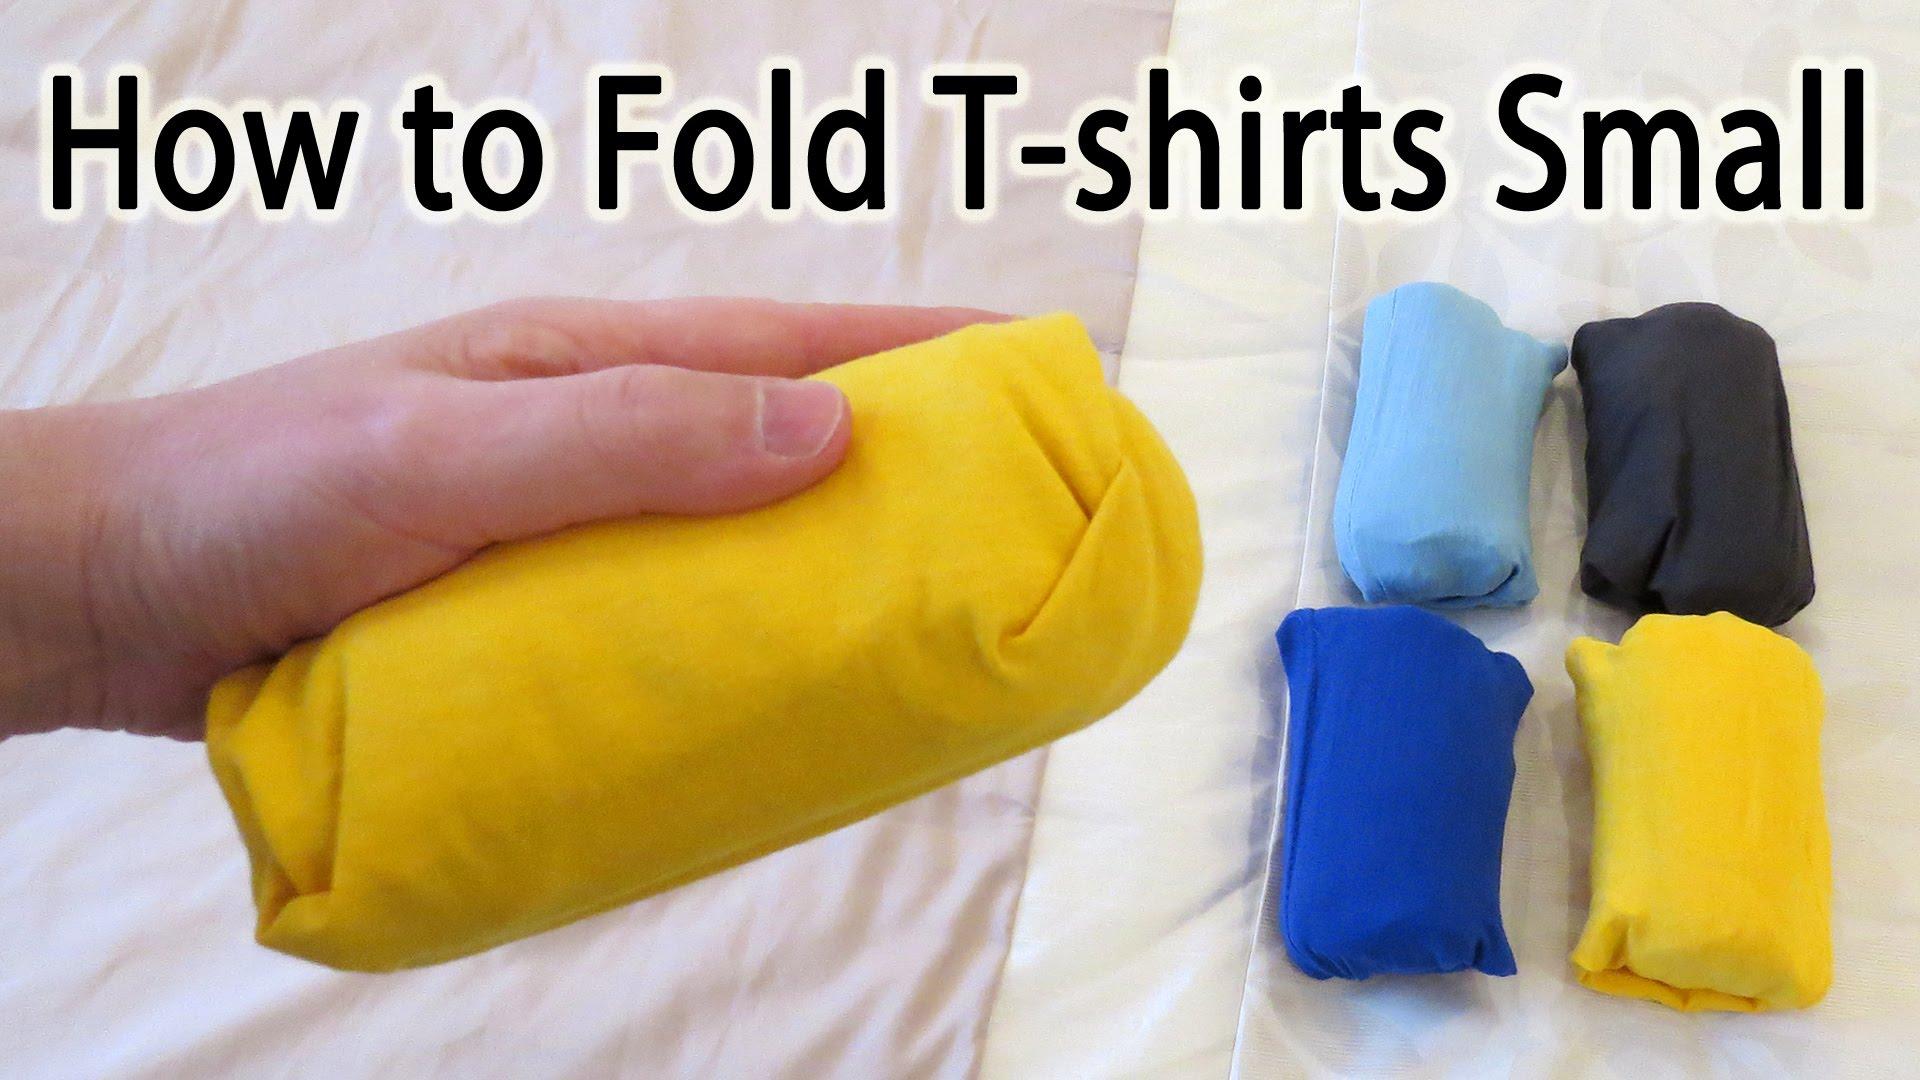 「パッキング裏技!超コンパクトに服を畳もう」- How to Fold a T-Shirt Small to Save Space